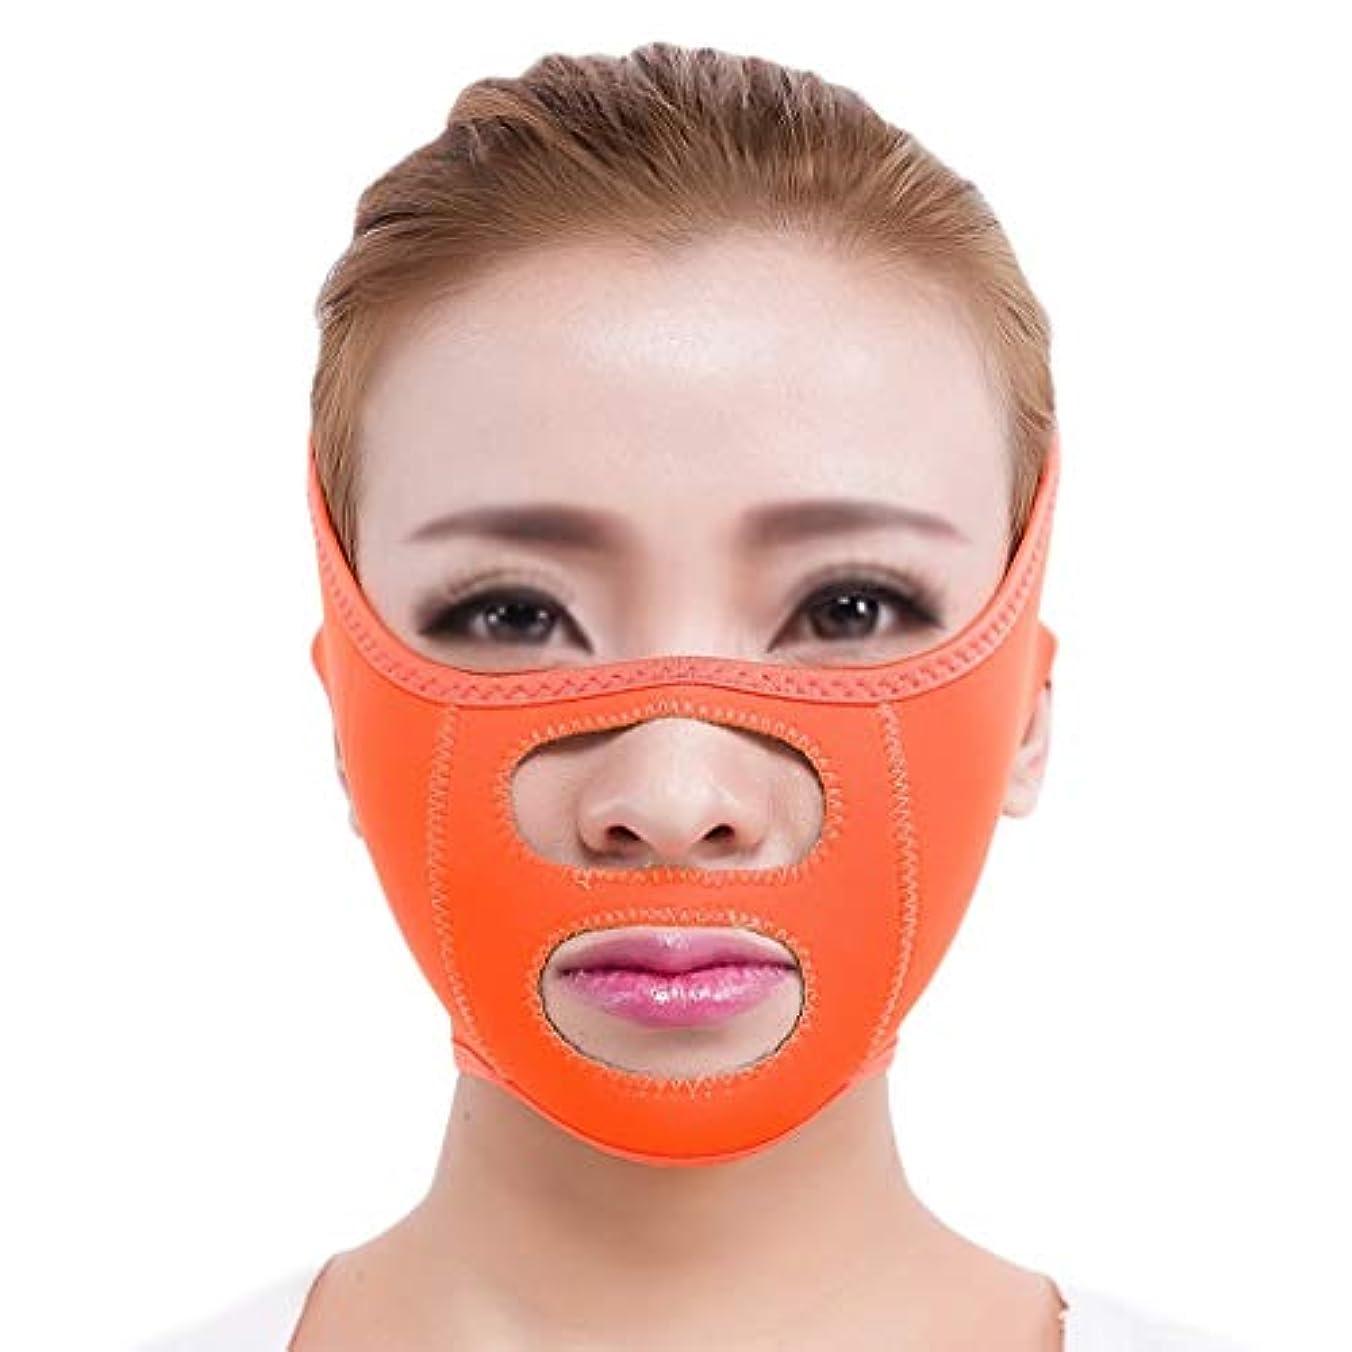 モデレータ振動させる尊厳あごのストラップ、フェイスリフティングマスク、二重あご、フェイスリフティングに最適、リフティングフェイシャルスキン、フェイシャル減量マスク、フェイスリフティングベルト(フリーサイズ) (Color : Orange)